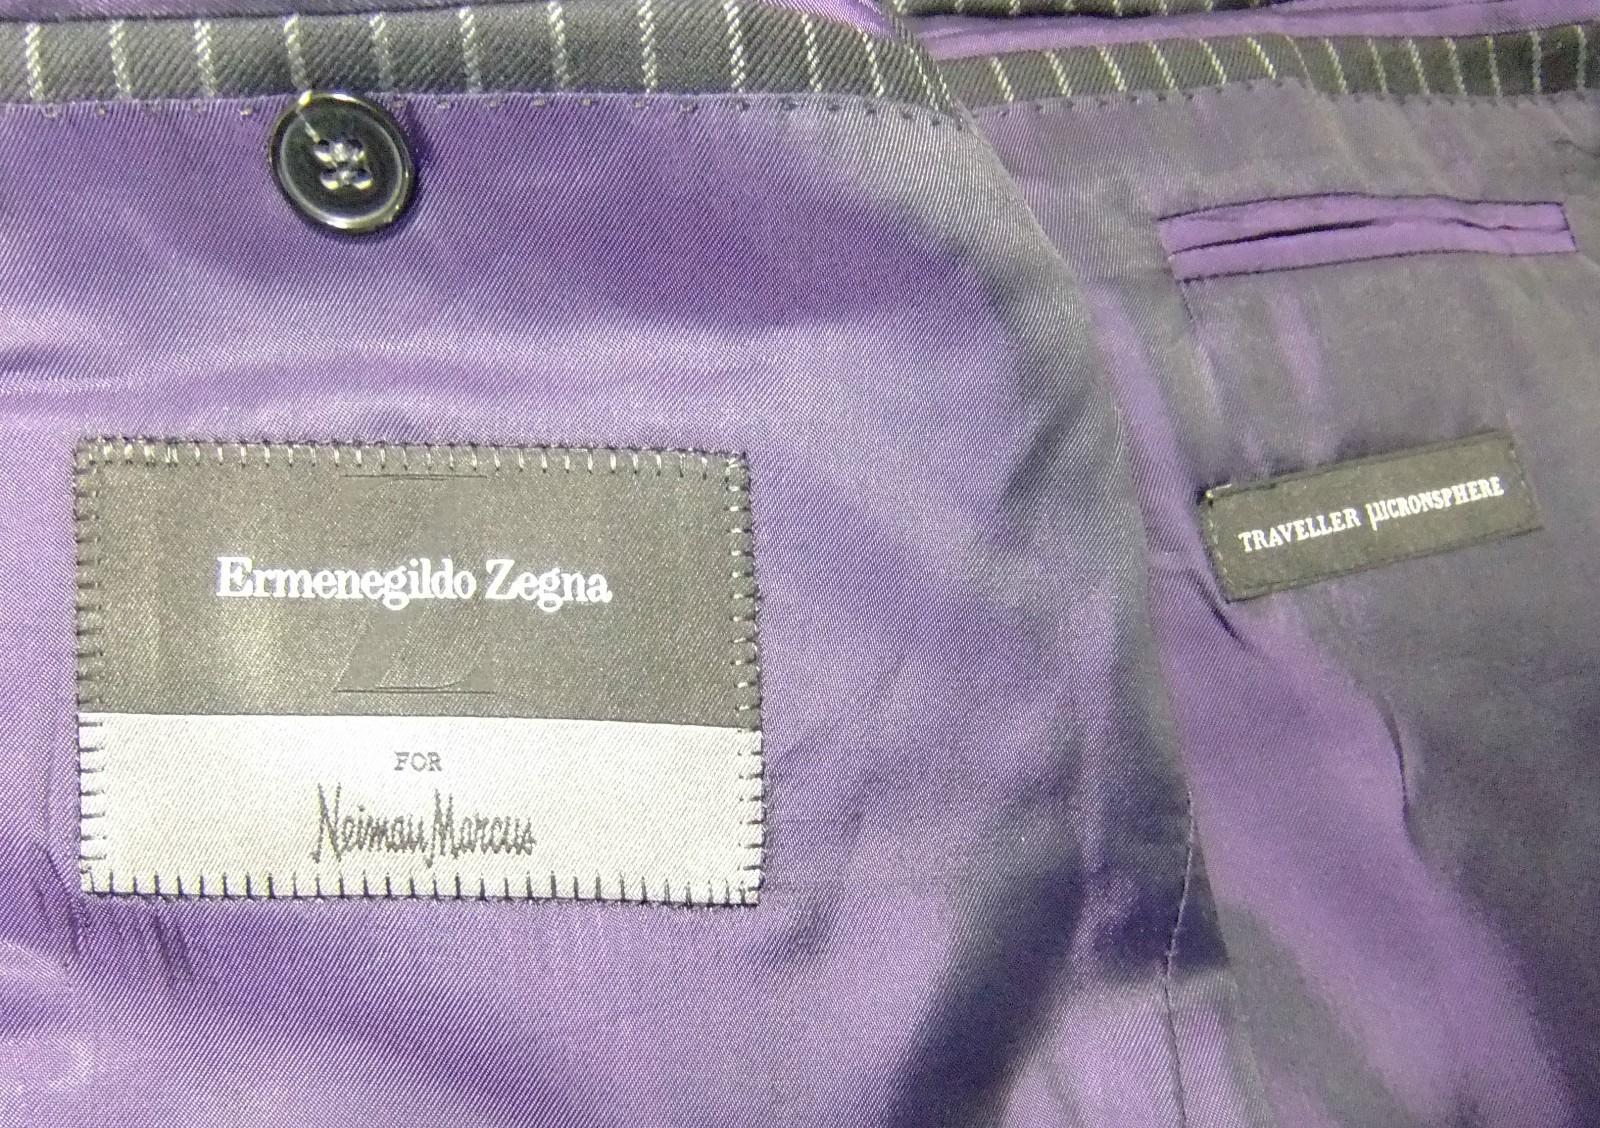 inside_jacket.JPG